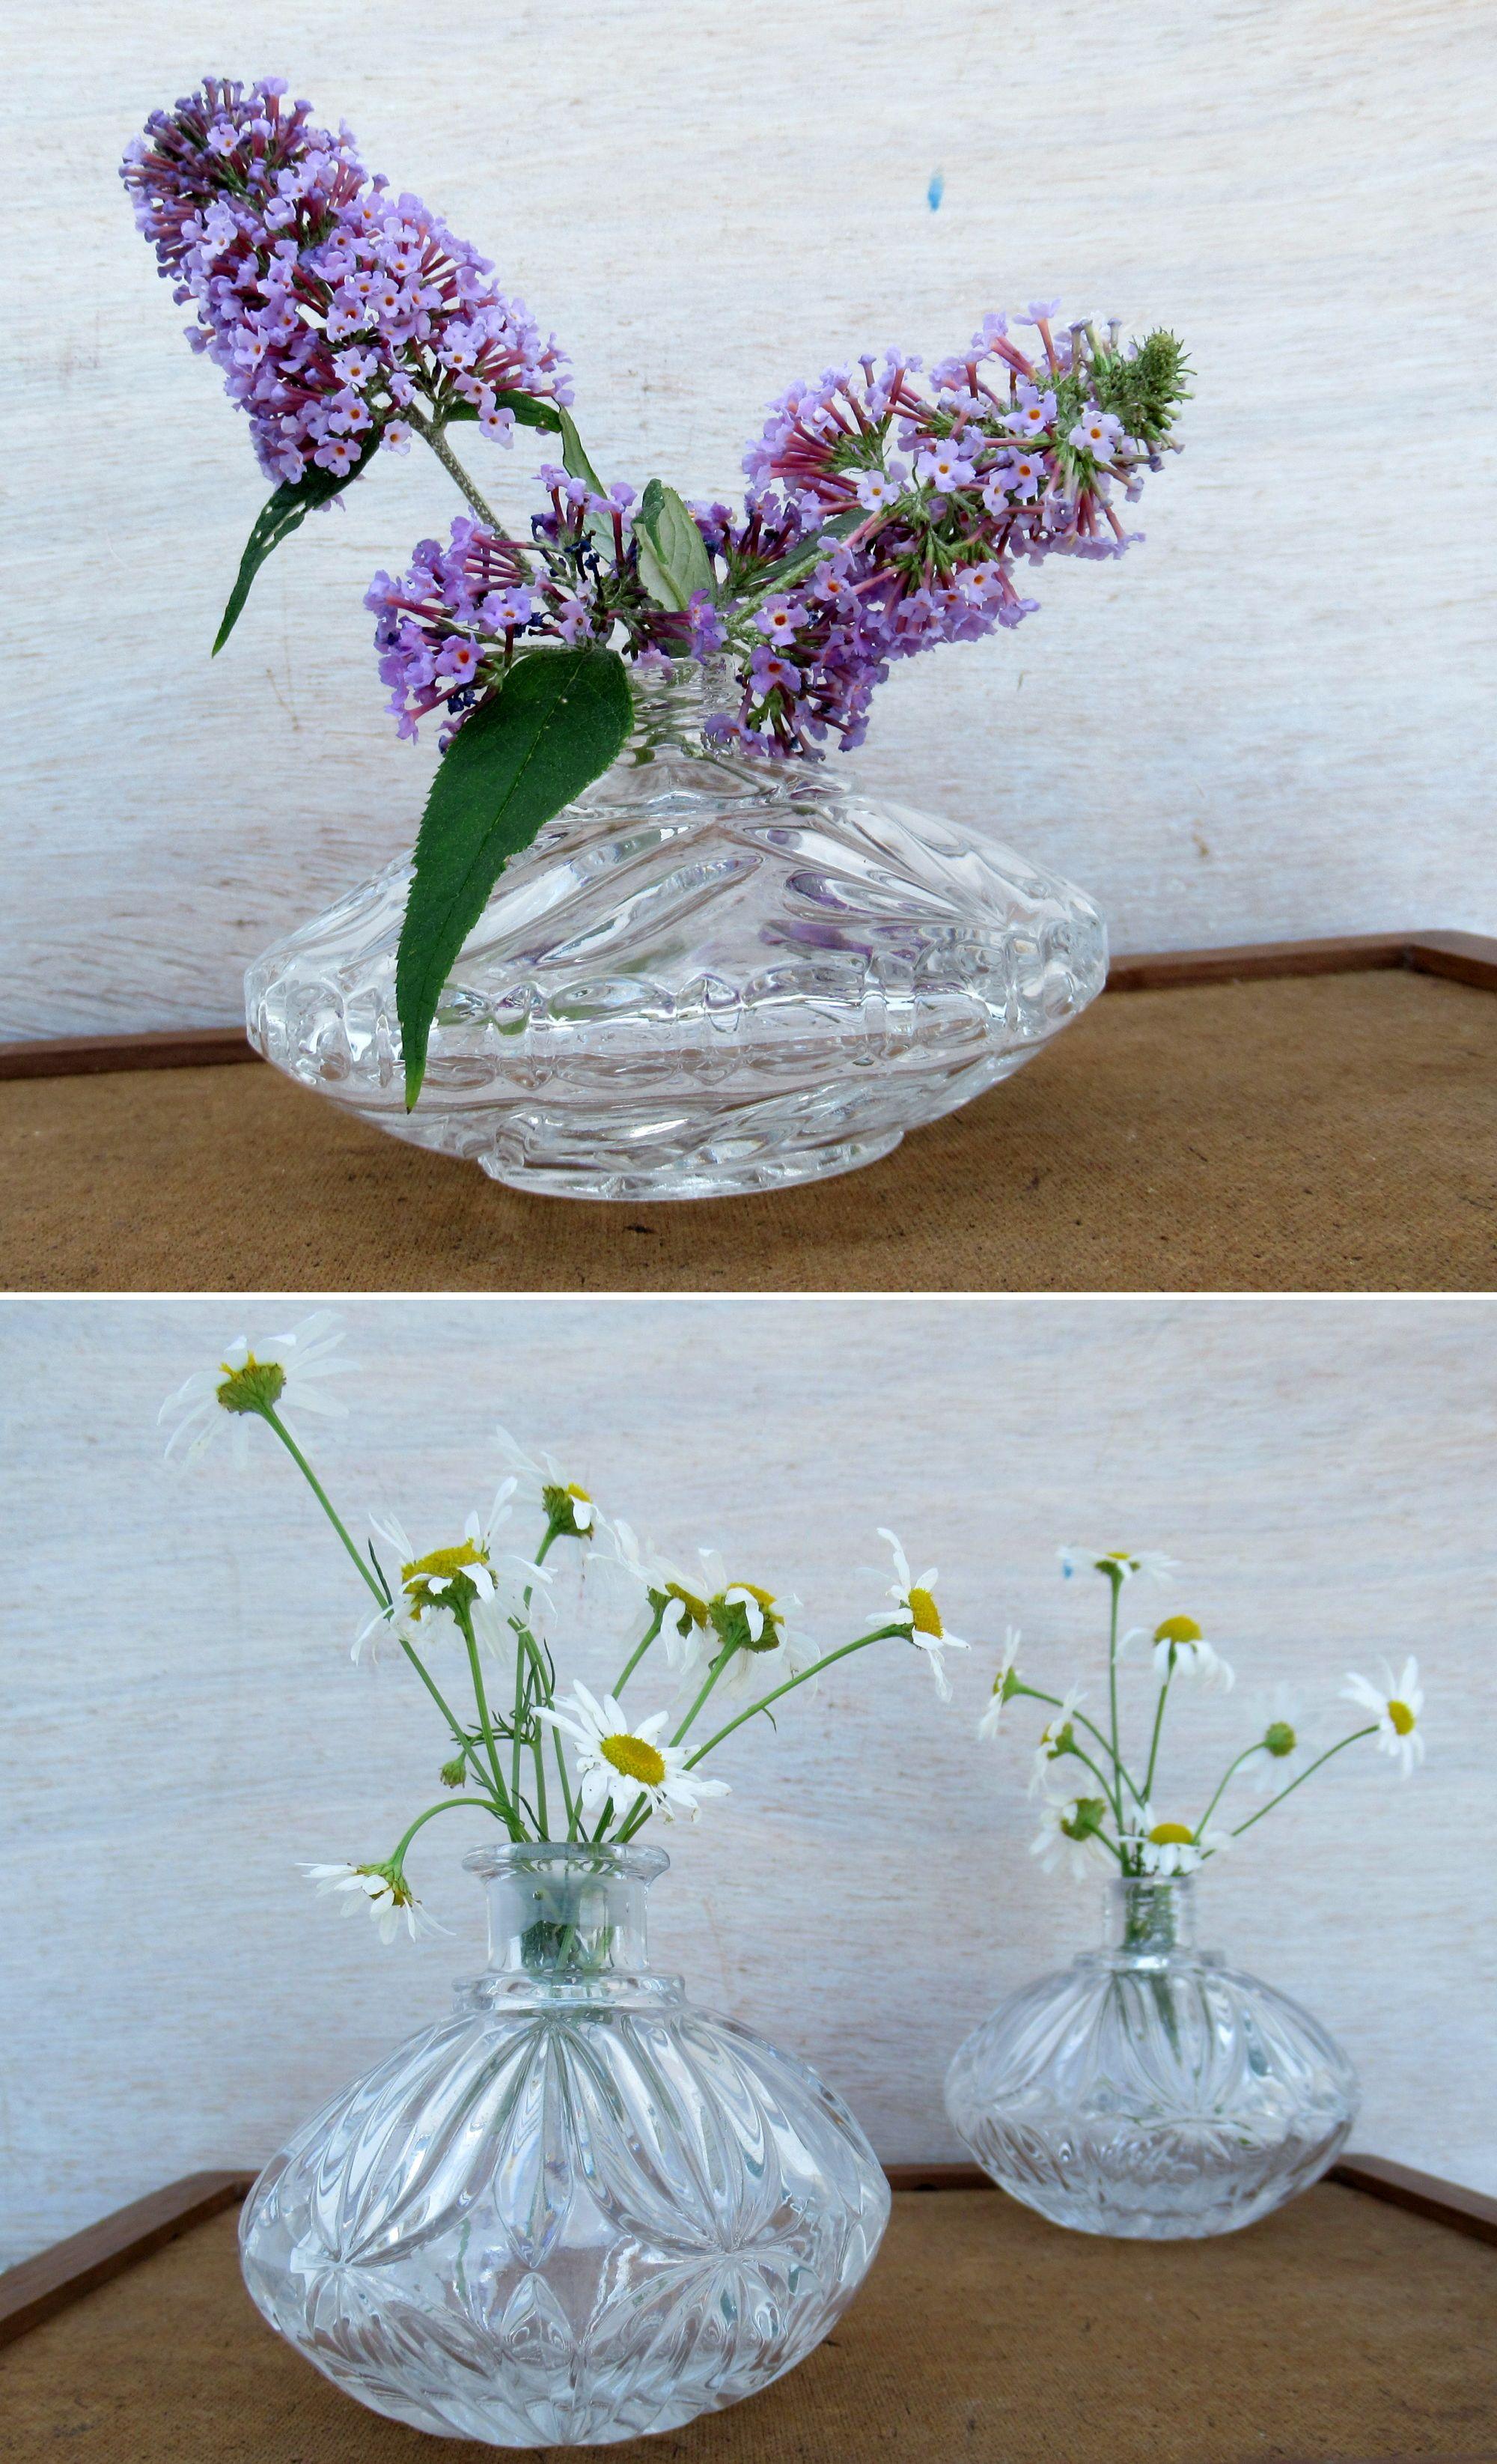 alte parfümflakons als Vasen mit hübschen Blumen dekoriert